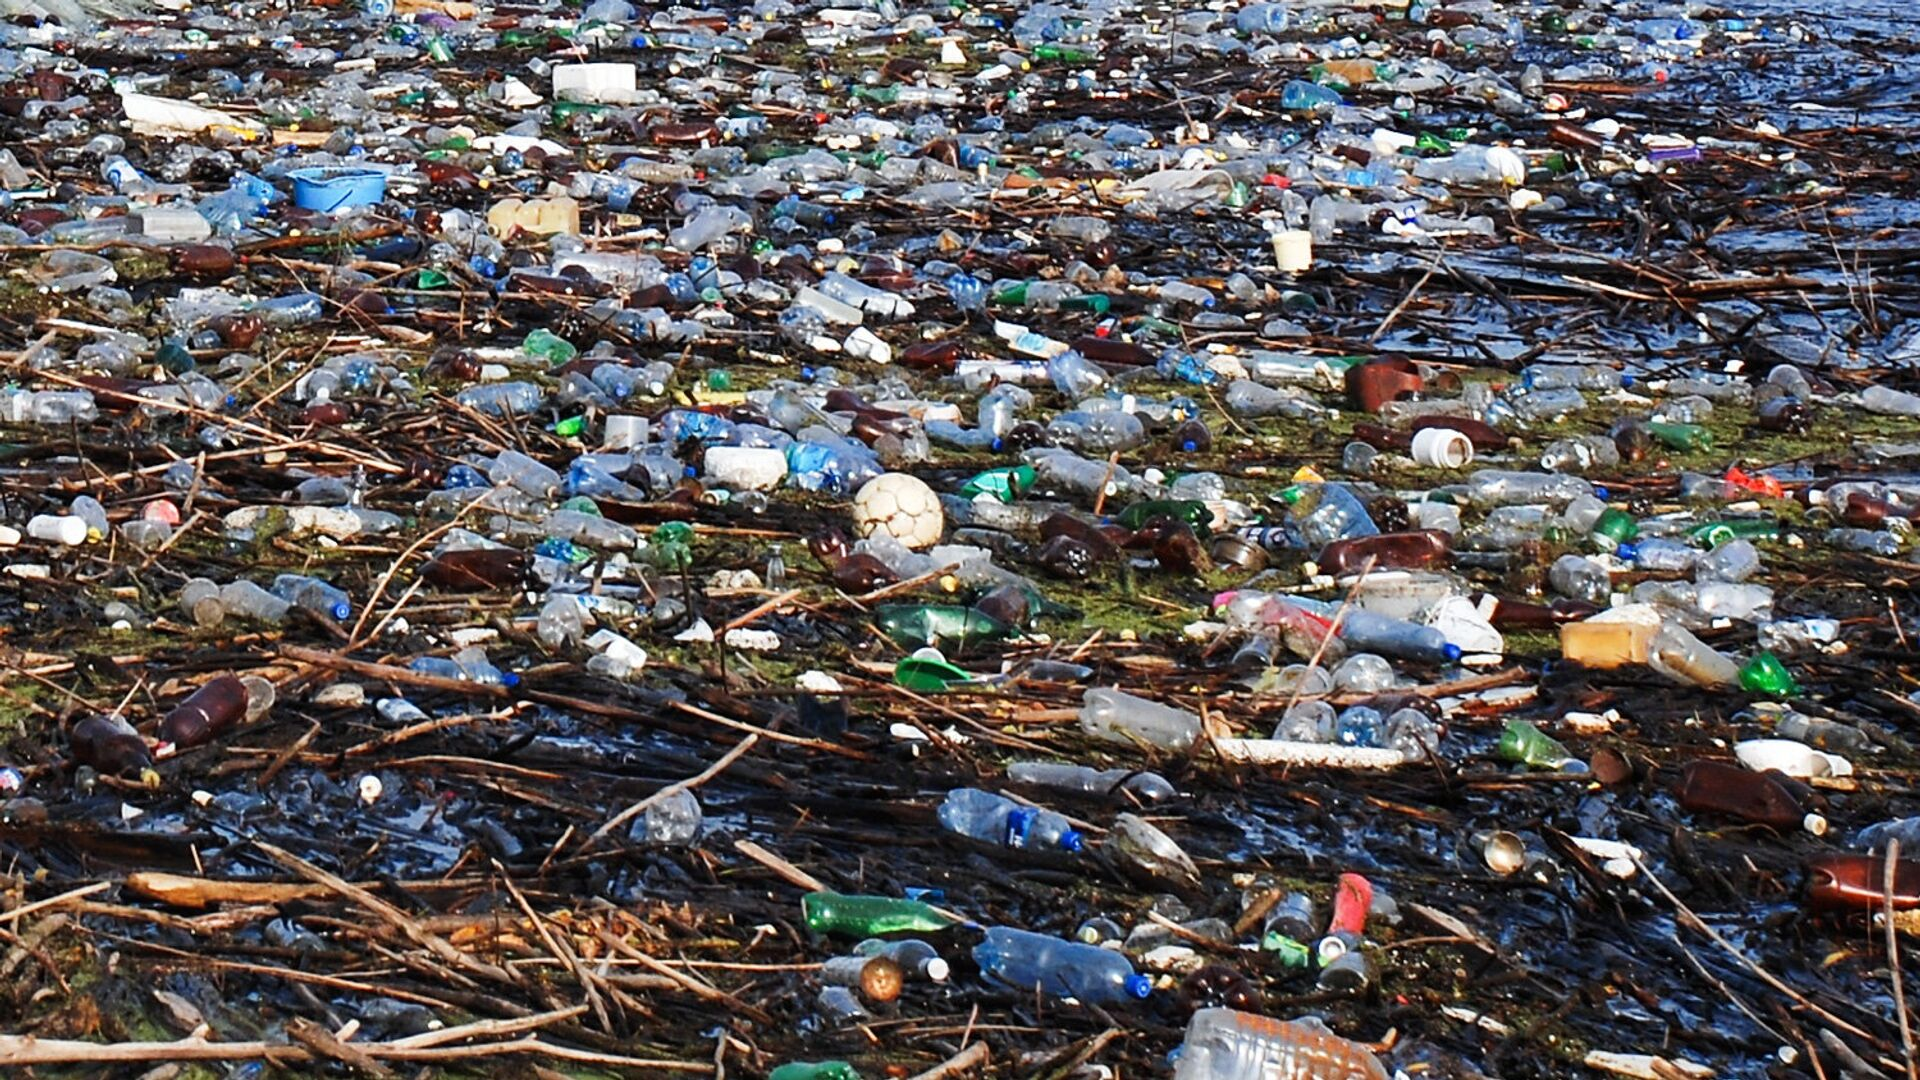 Минэкологии проверяет мусорный полигон под Нижним Новгородом, рядом с которым погибла рыба - РИА Новости, 1920, 04.05.2021